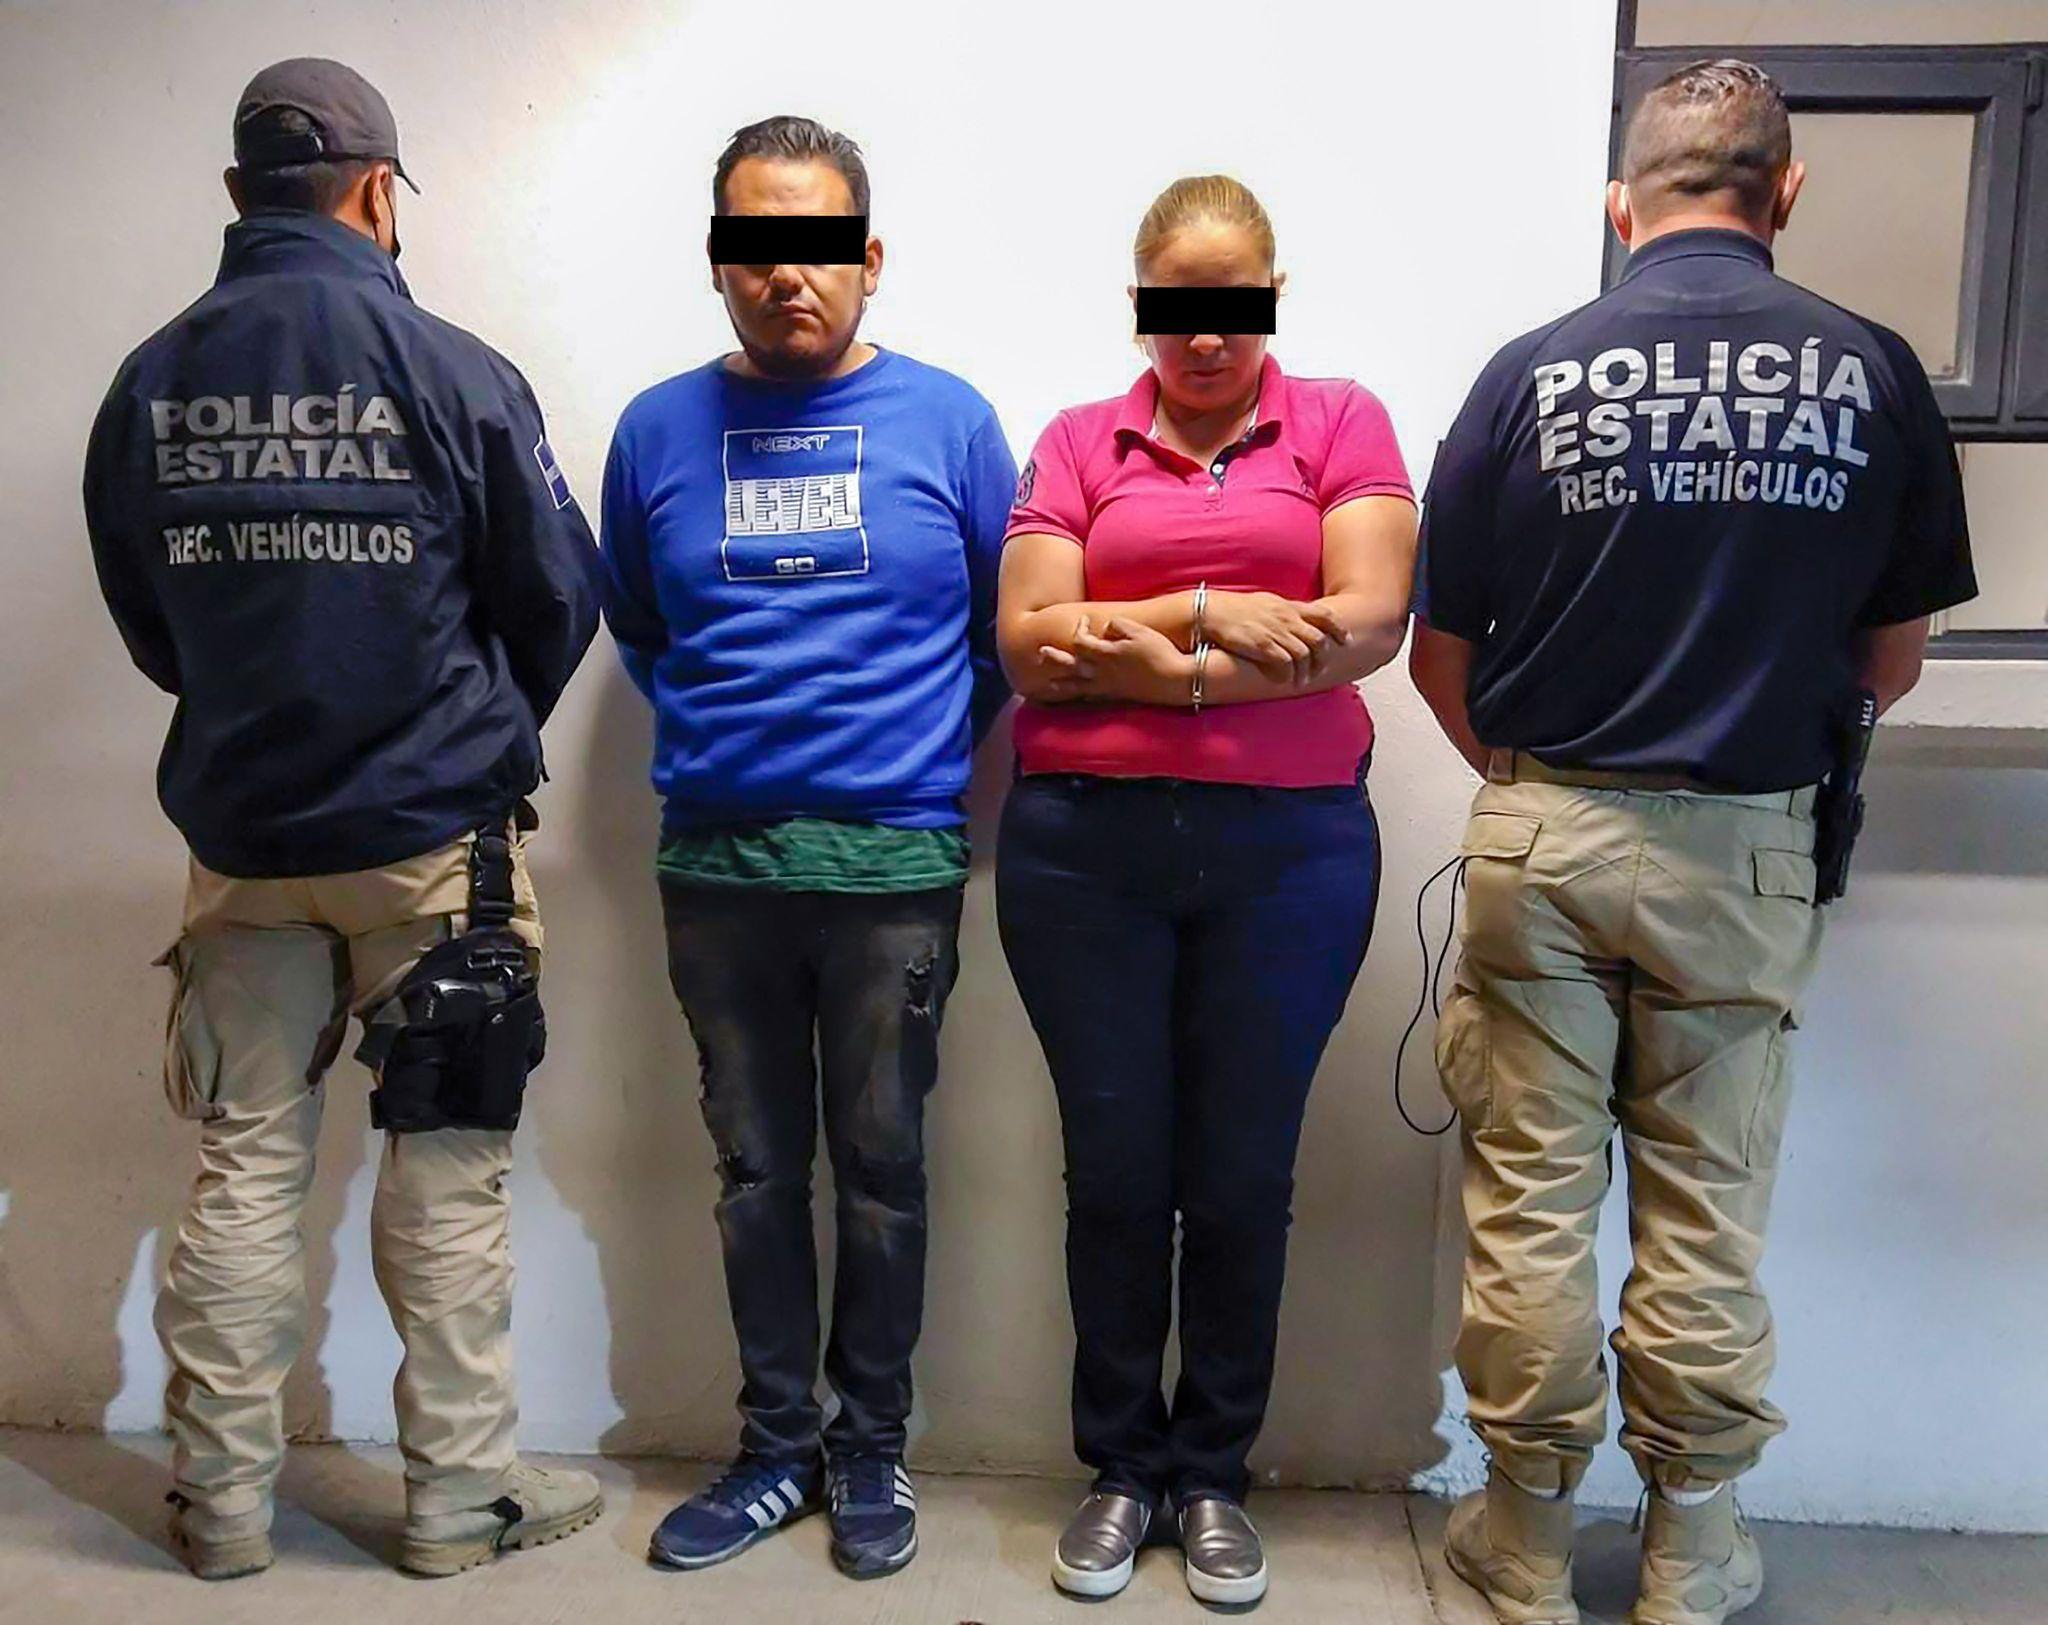 La SSC recupera un tractocamión con reporte de robo en Tlaxcala